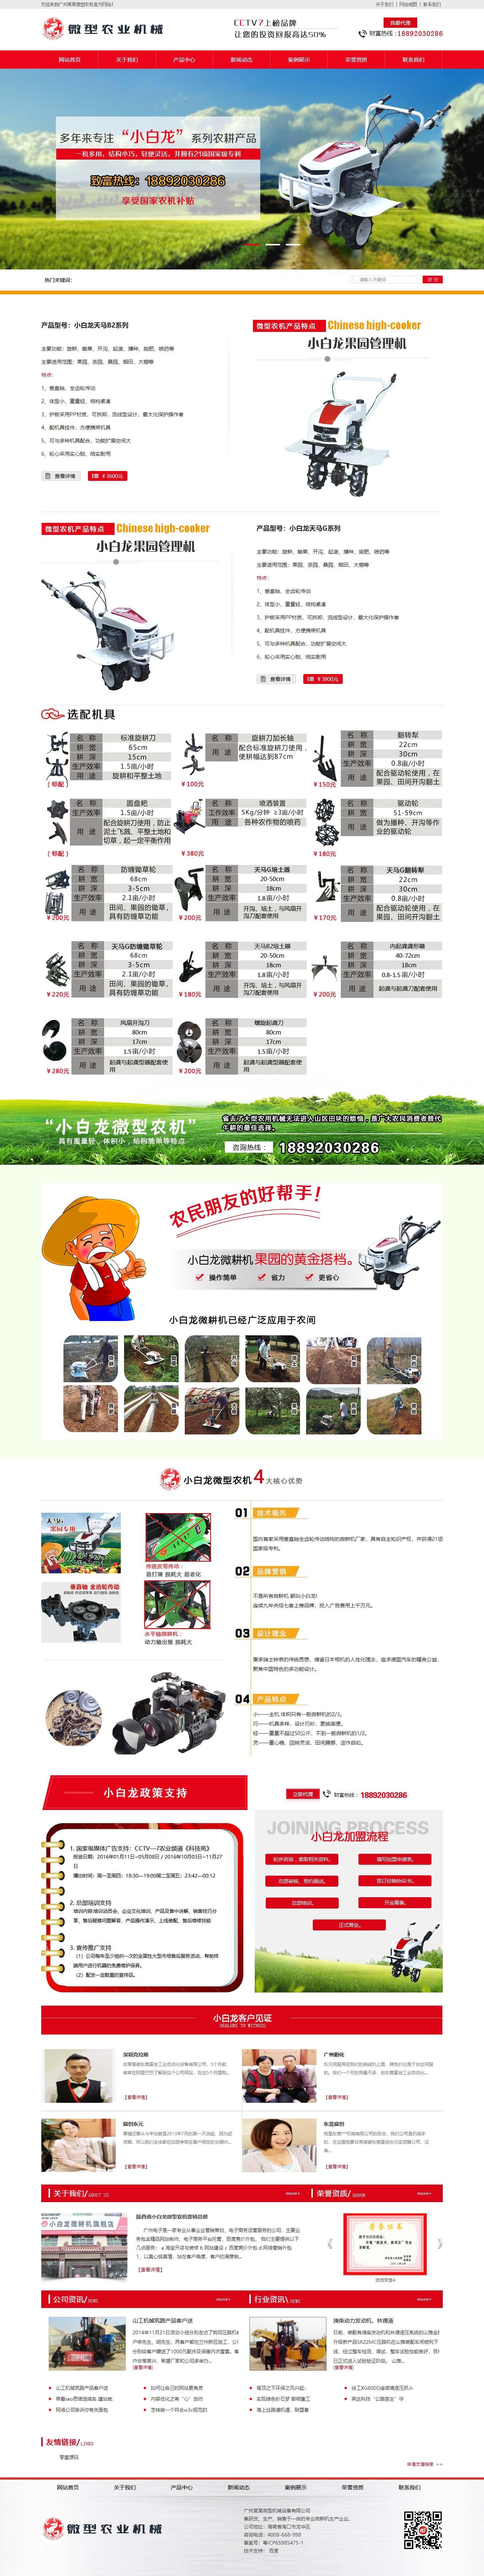 营销型微型农业机械设备类网站织梦dedecms模板(带手机端)